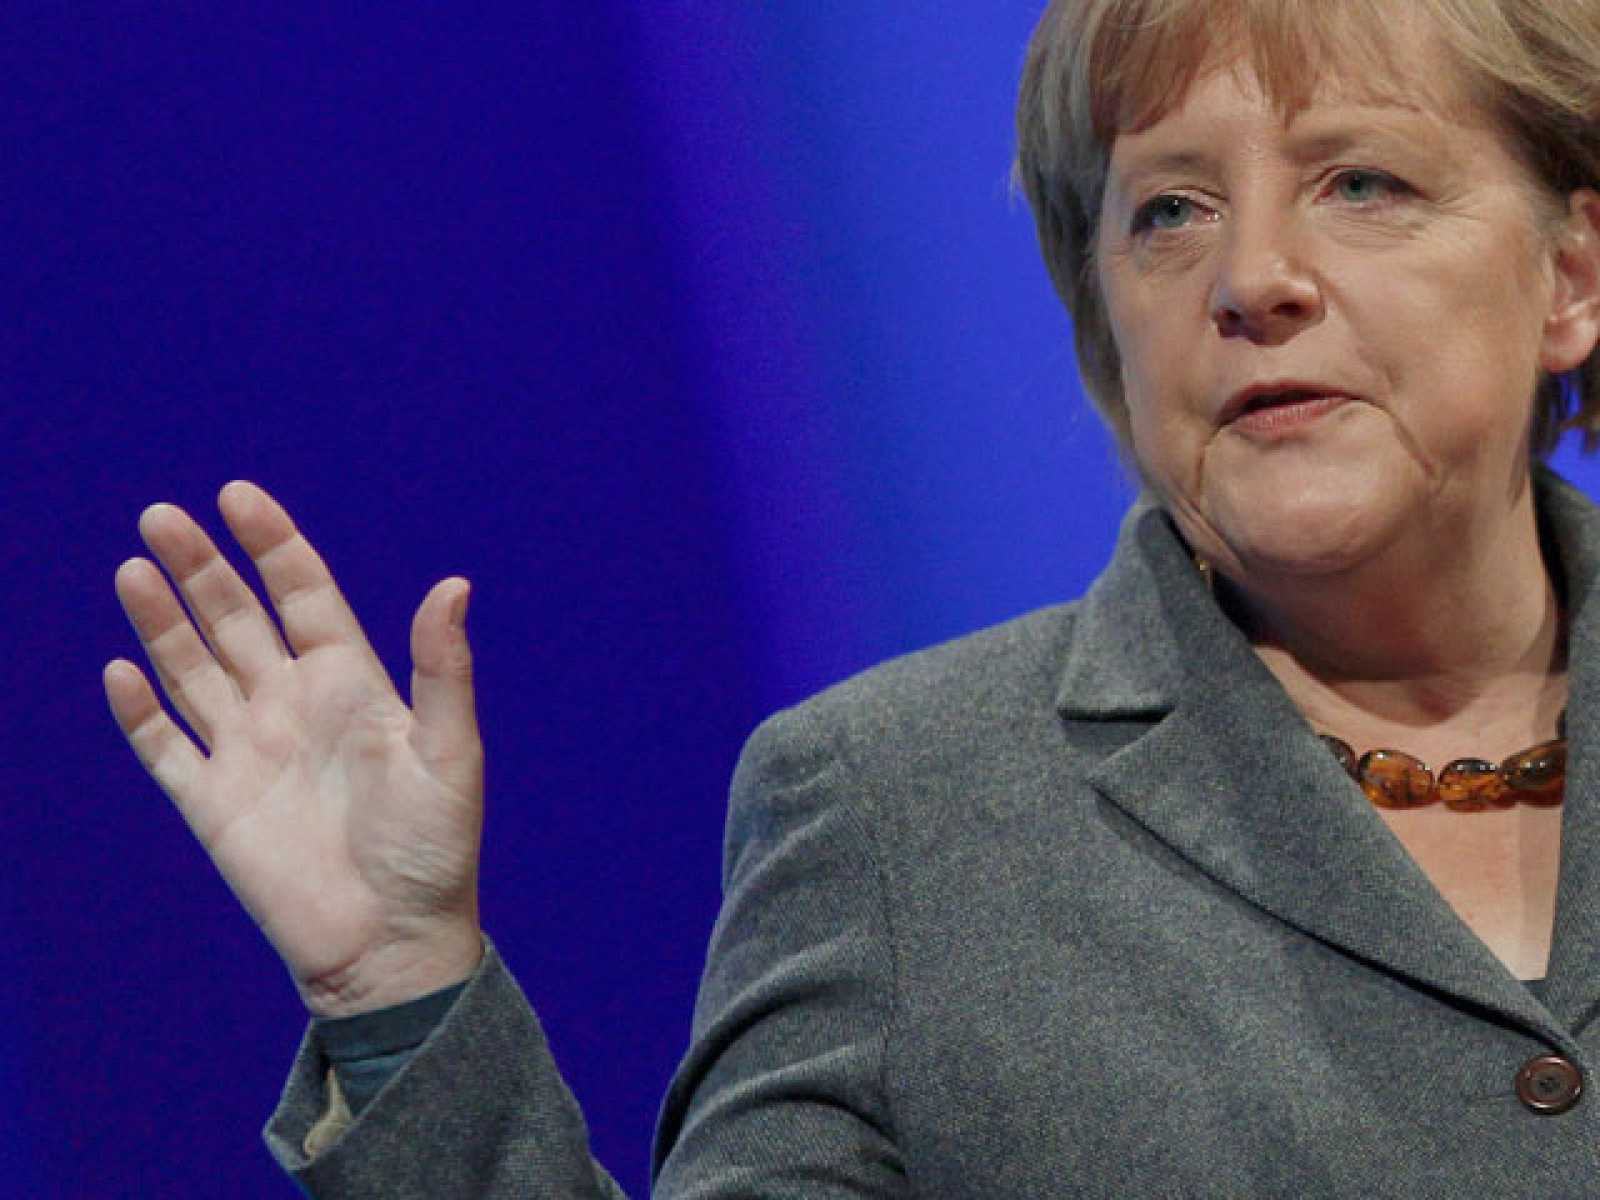 """Merkel: """"La sociedad multicultural ha fracasado"""""""